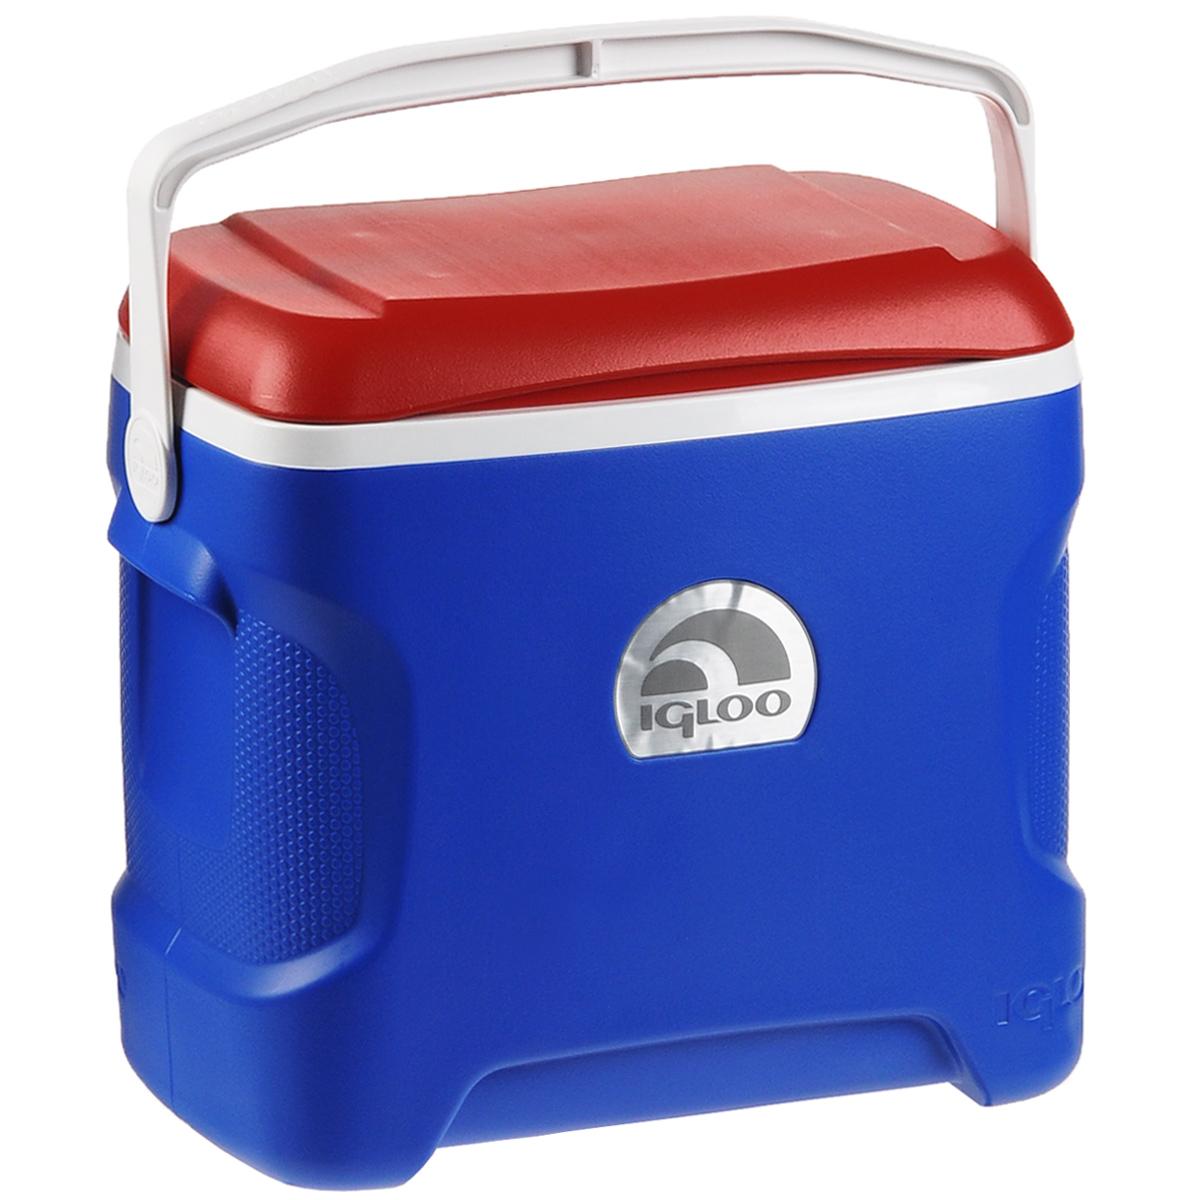 """Изотермический контейнер Igloo """"Contour"""", цвет: синий, белый, красный, 28 л"""